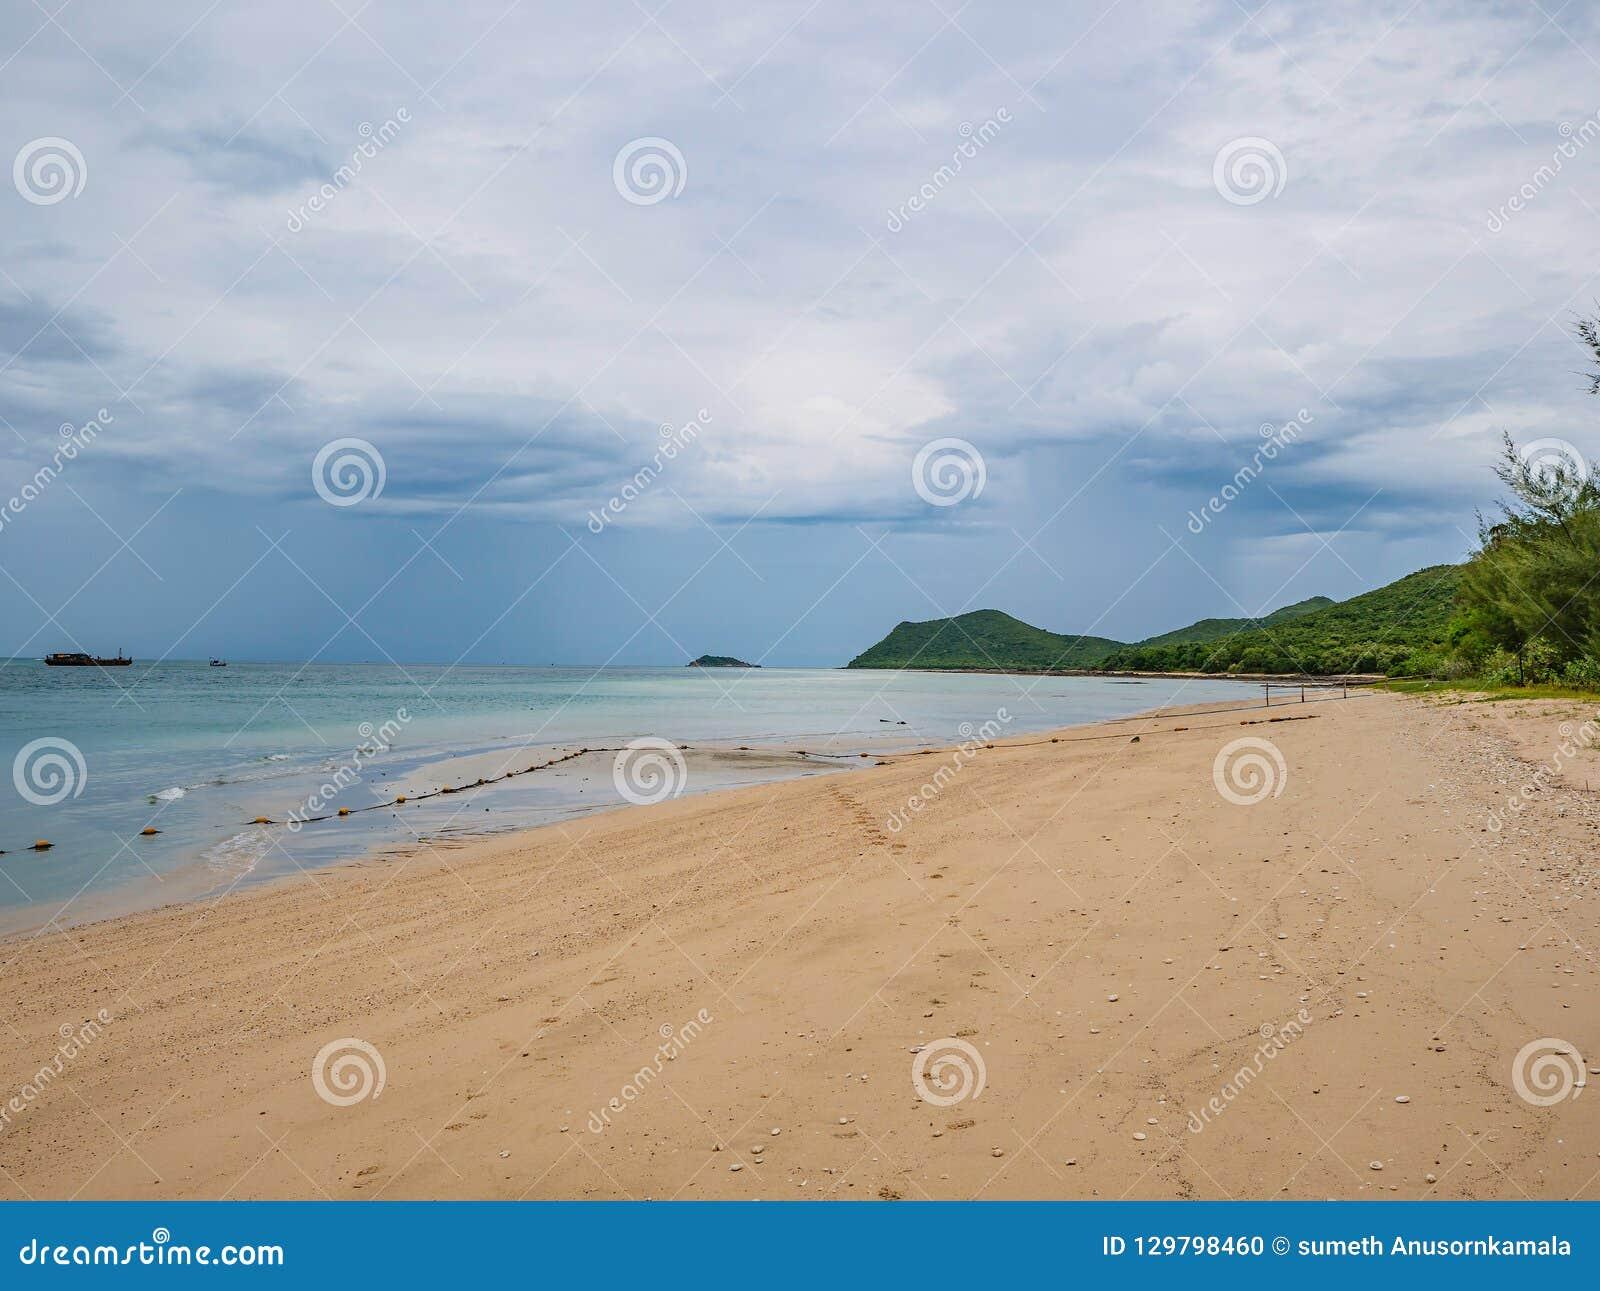 Céu azul idílico tropical de oceano e praia bonita no tempo de férias